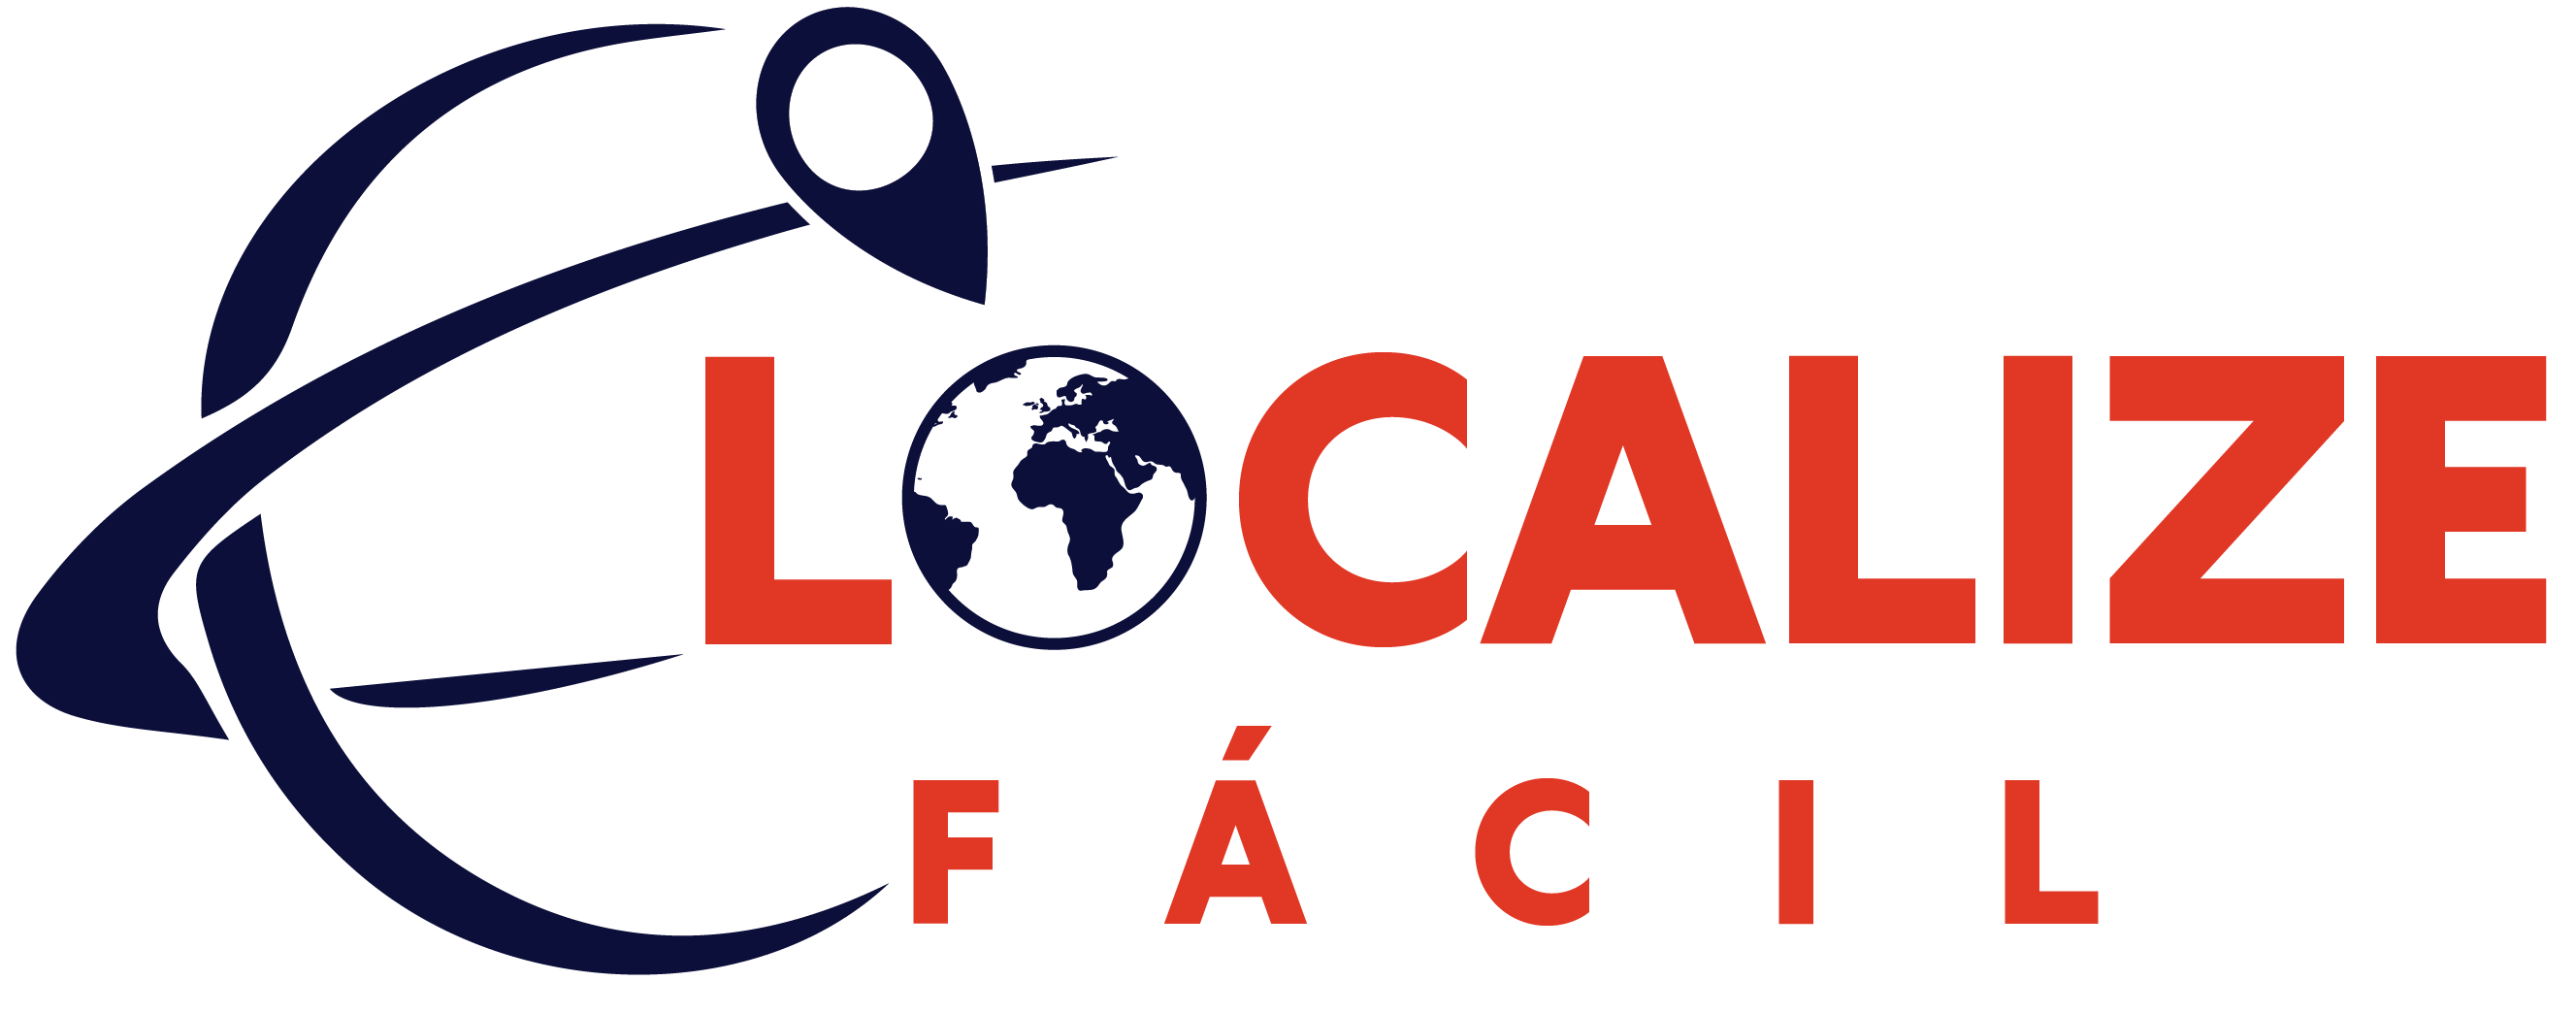 LocalizeFacil